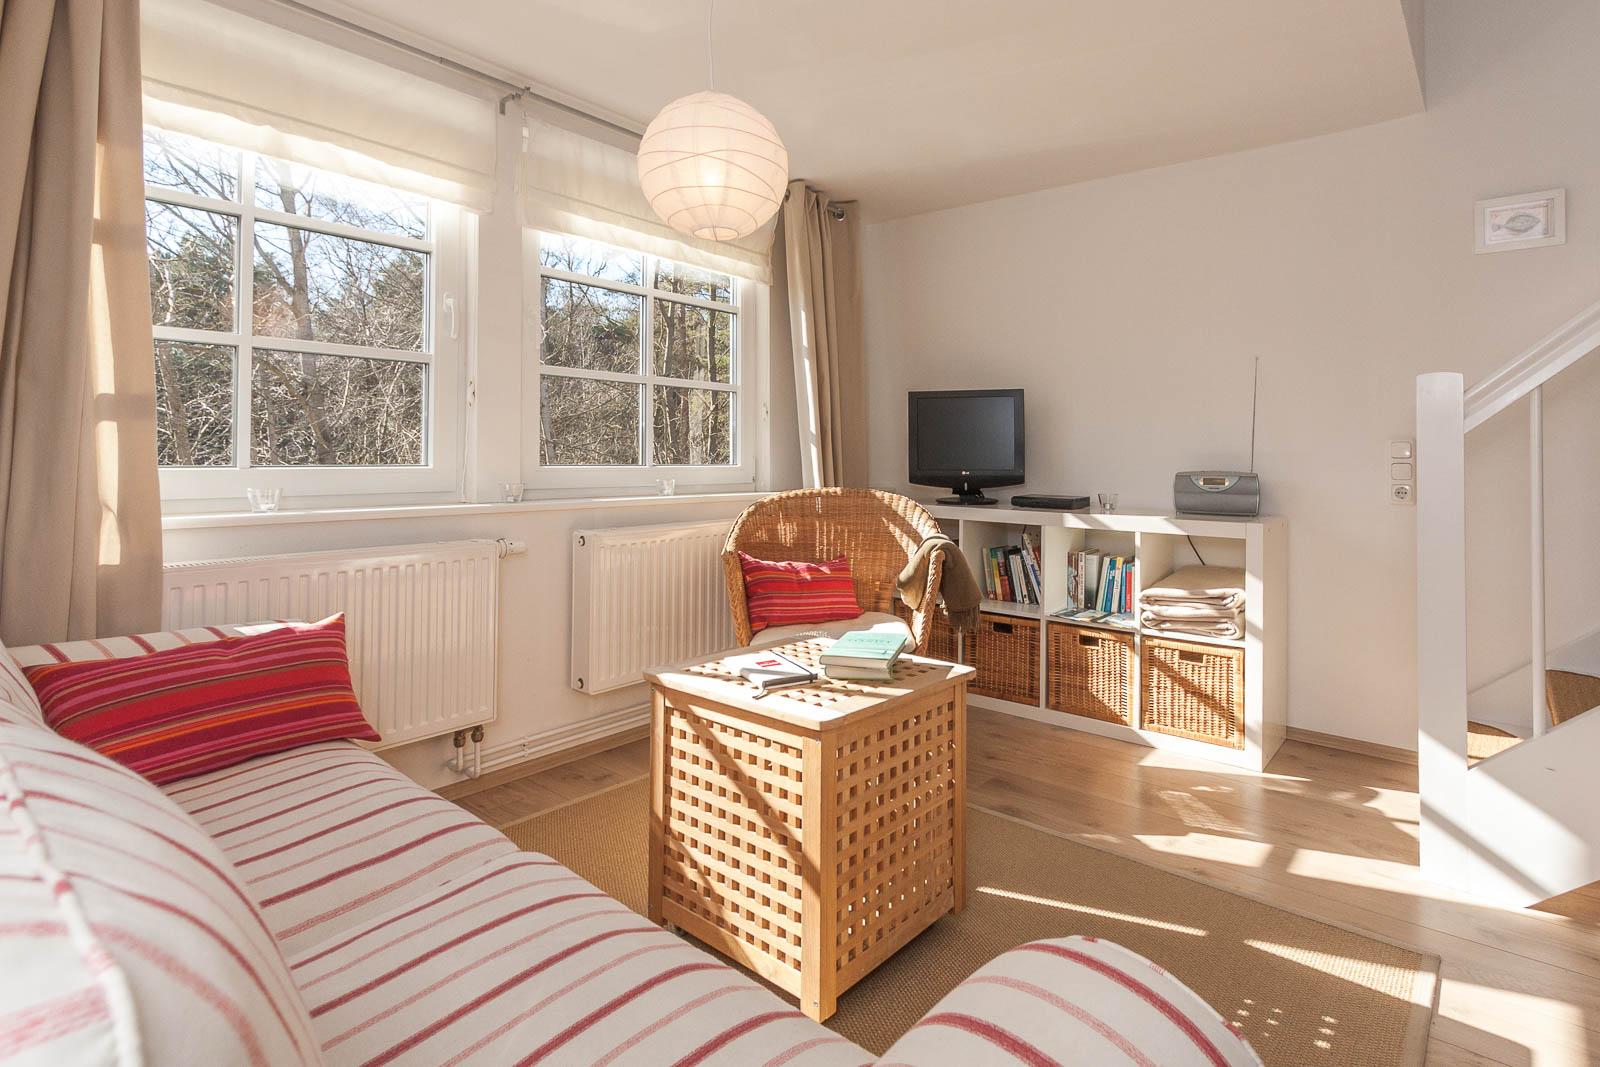 haus walden insel amrumwohnung 4 haus walden. Black Bedroom Furniture Sets. Home Design Ideas